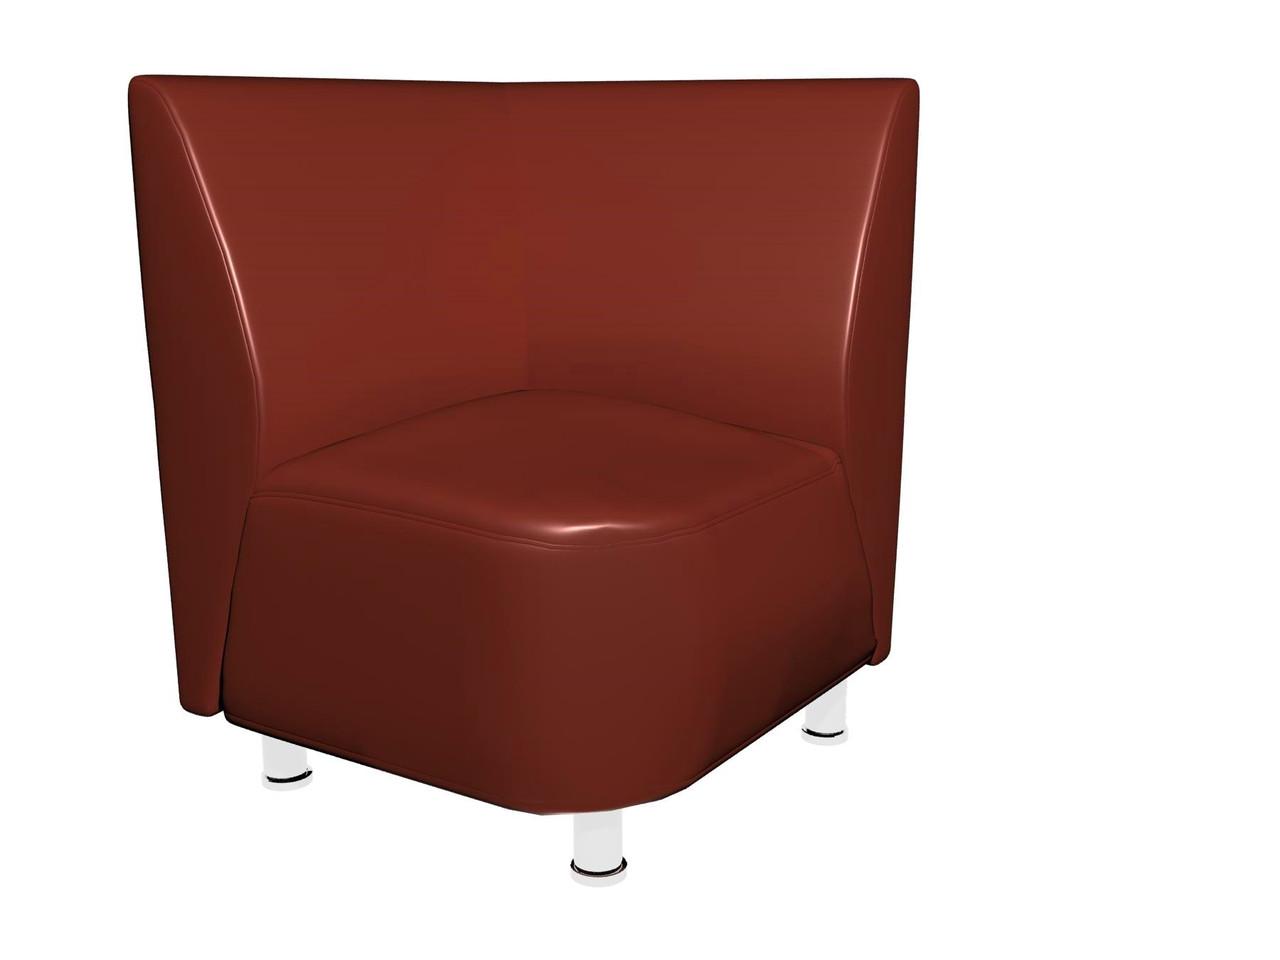 Офисный диван Актив Sentenzo 700x700x900 Коричневый (2324894221435)